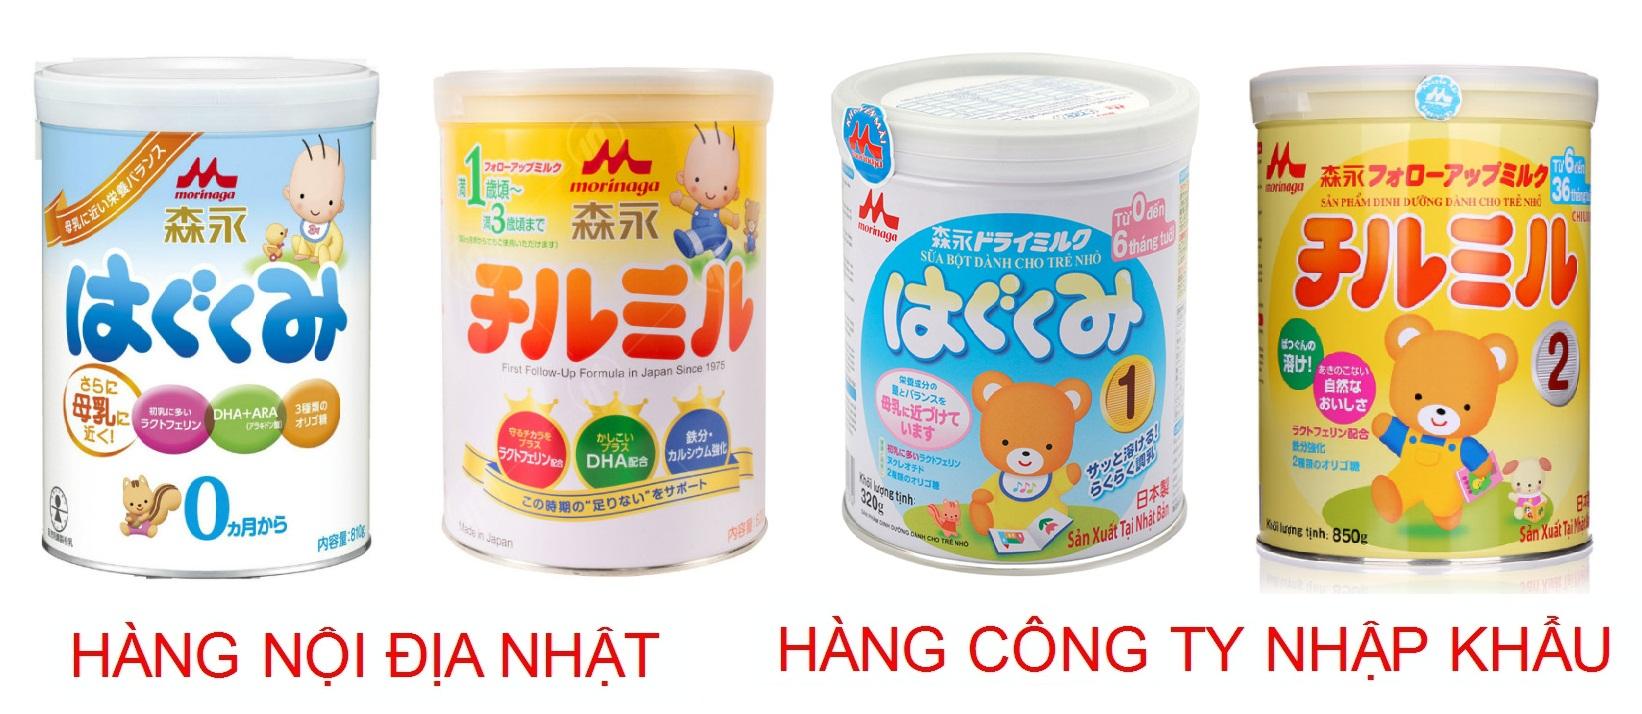 Các dòng sữa Morinaga của Nhật